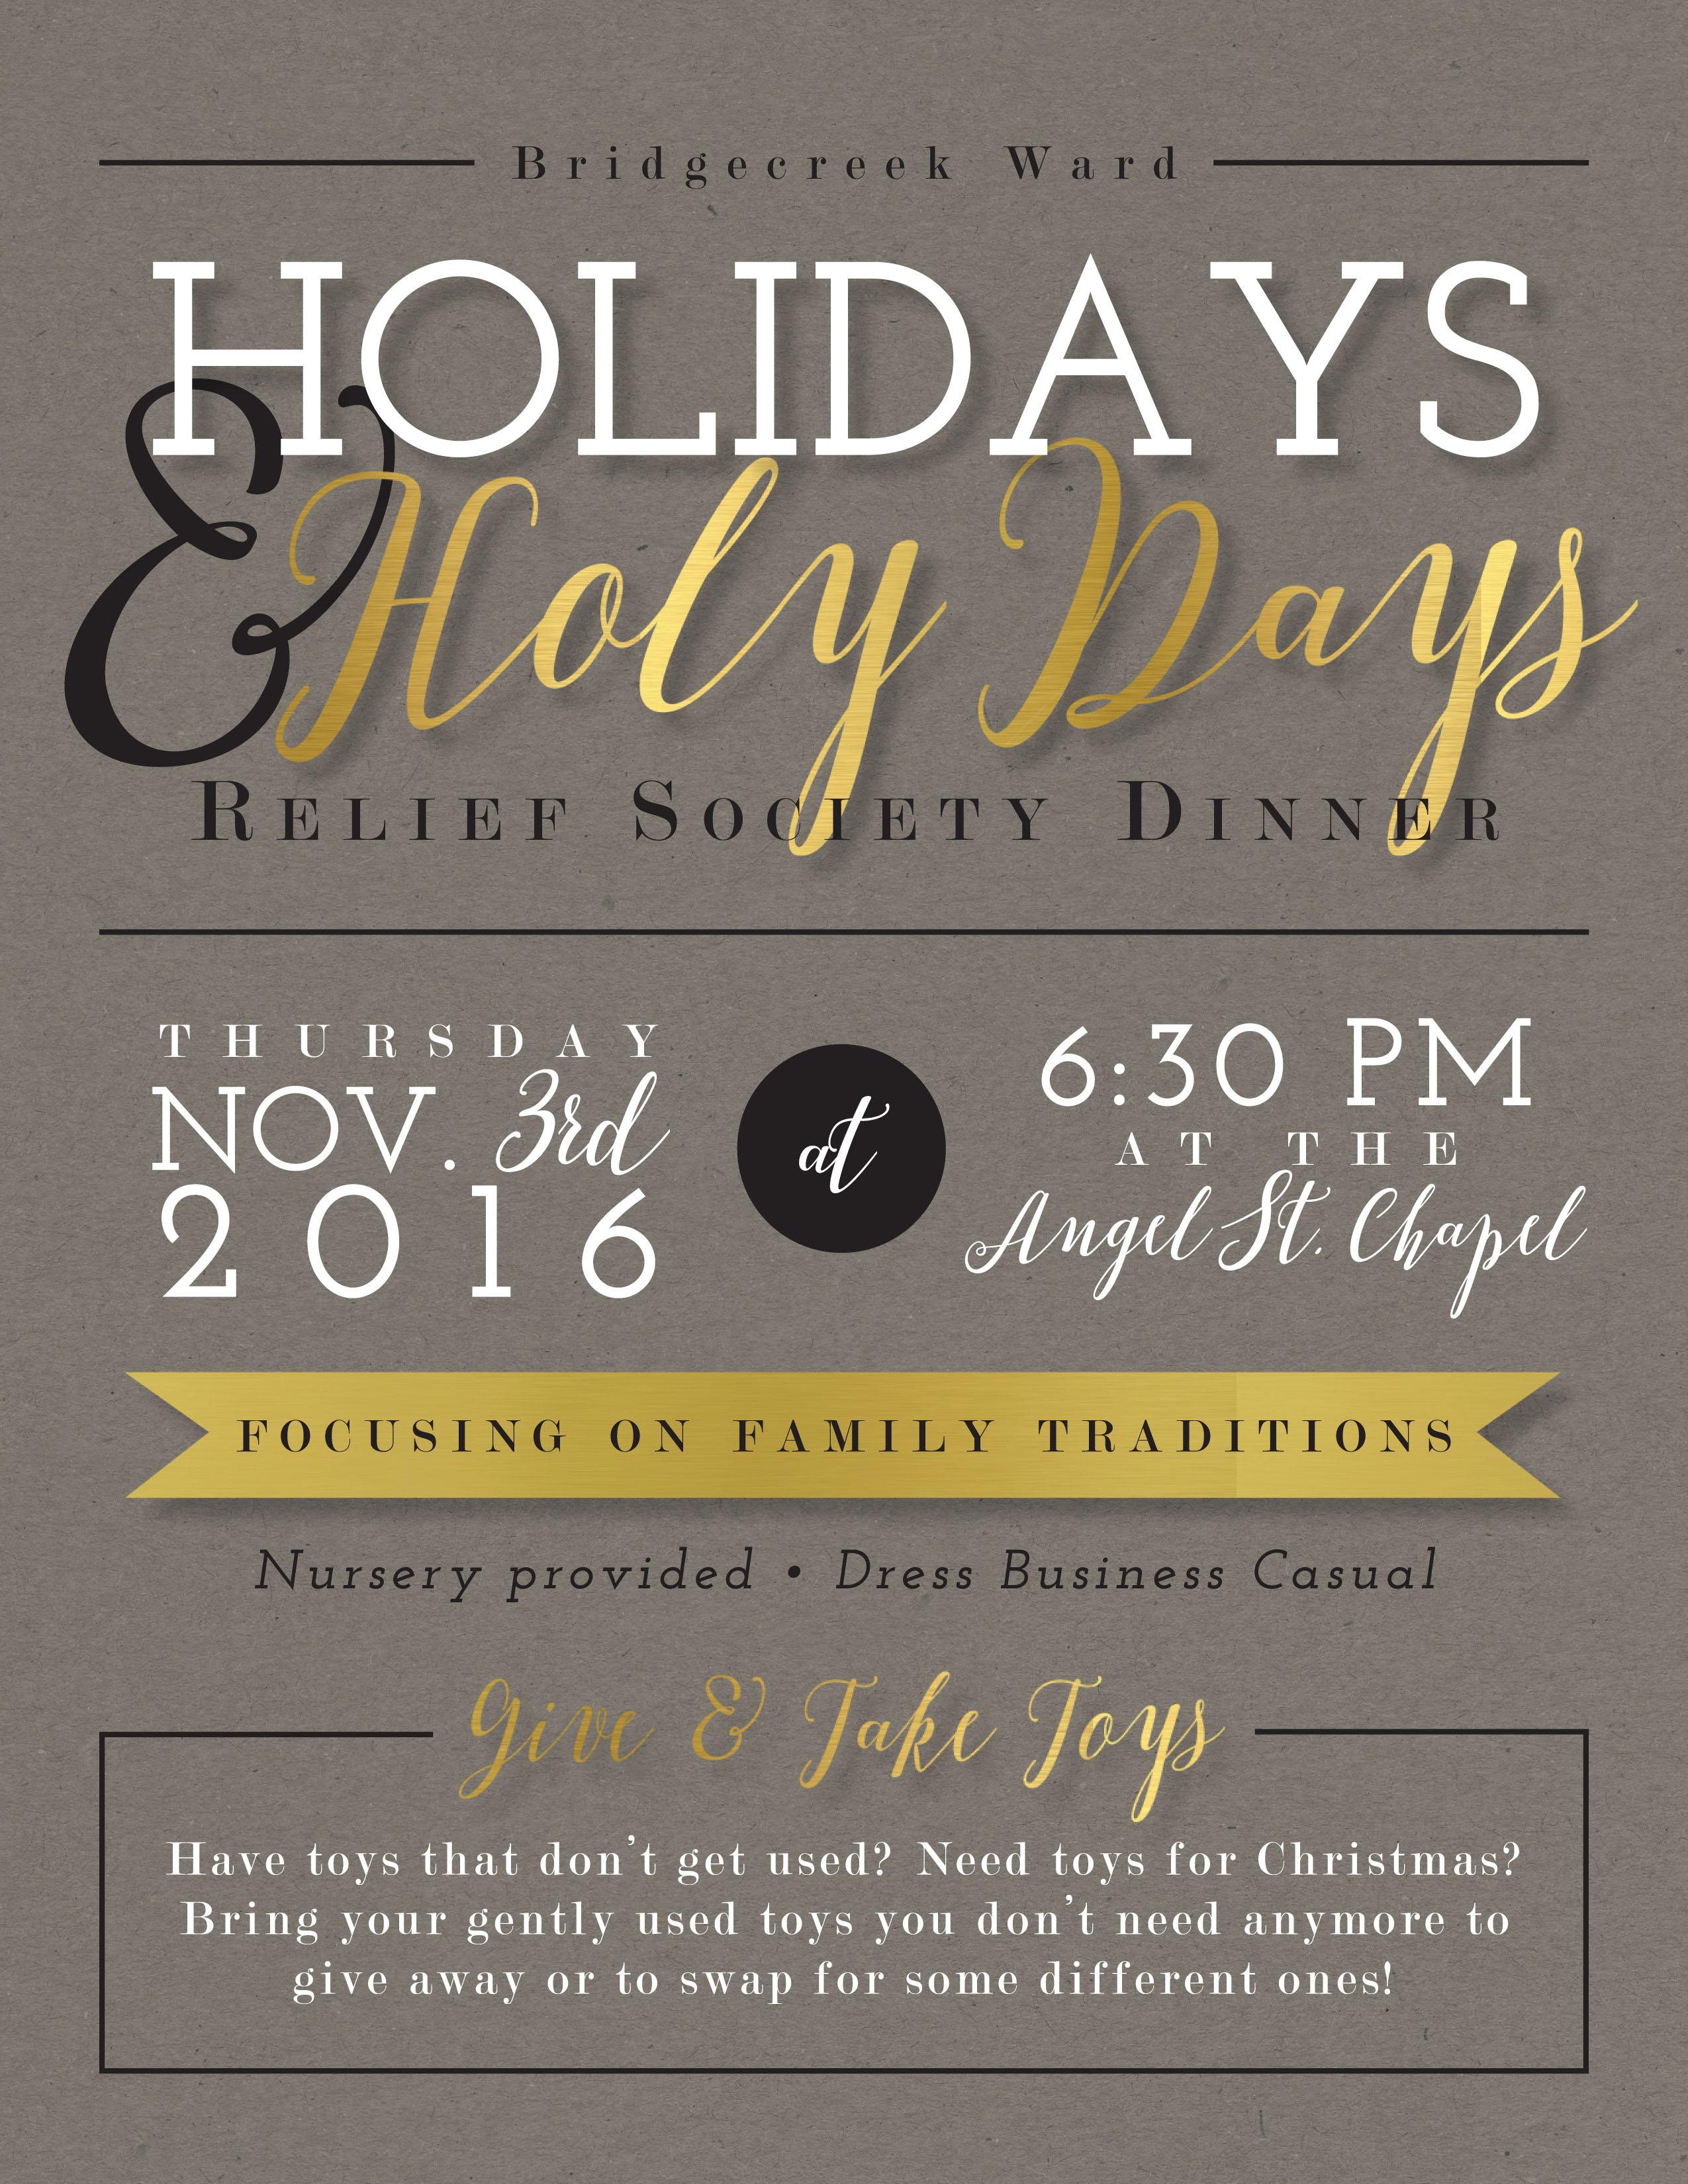 RS_Dinner_Nov_3rd